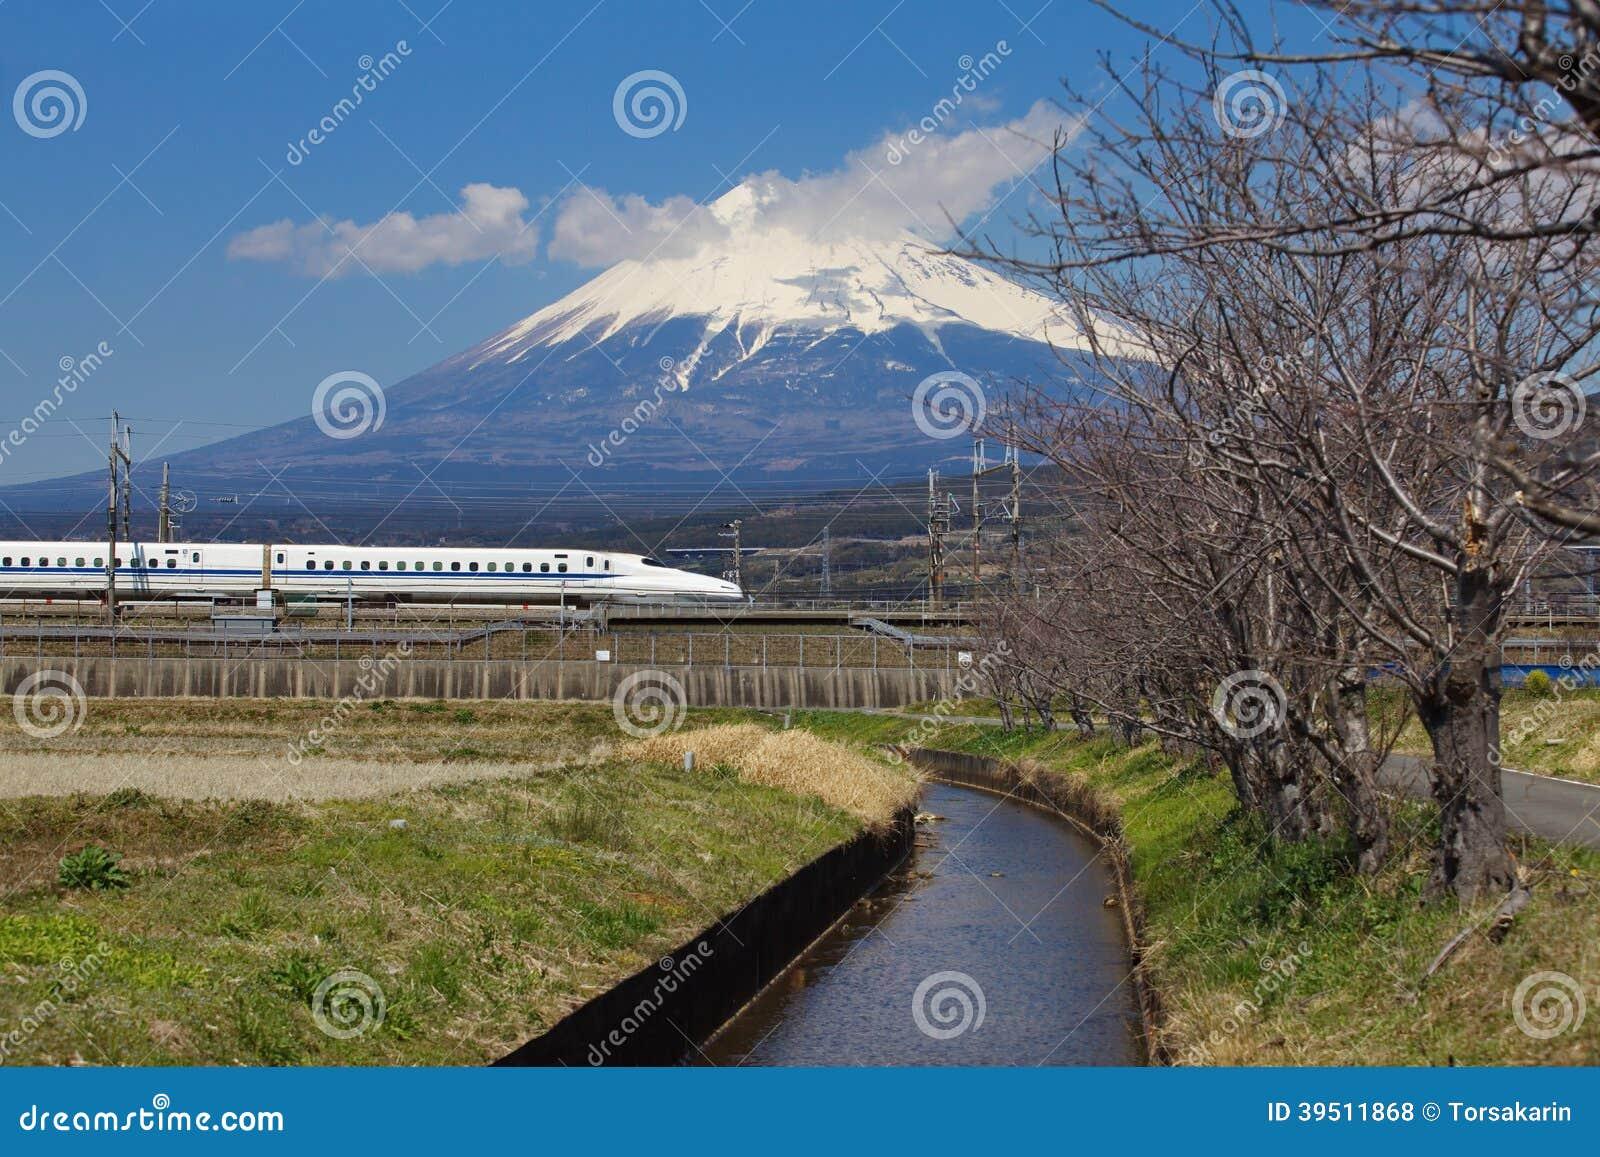 Mt Fuji and Tokaido Shinkansen